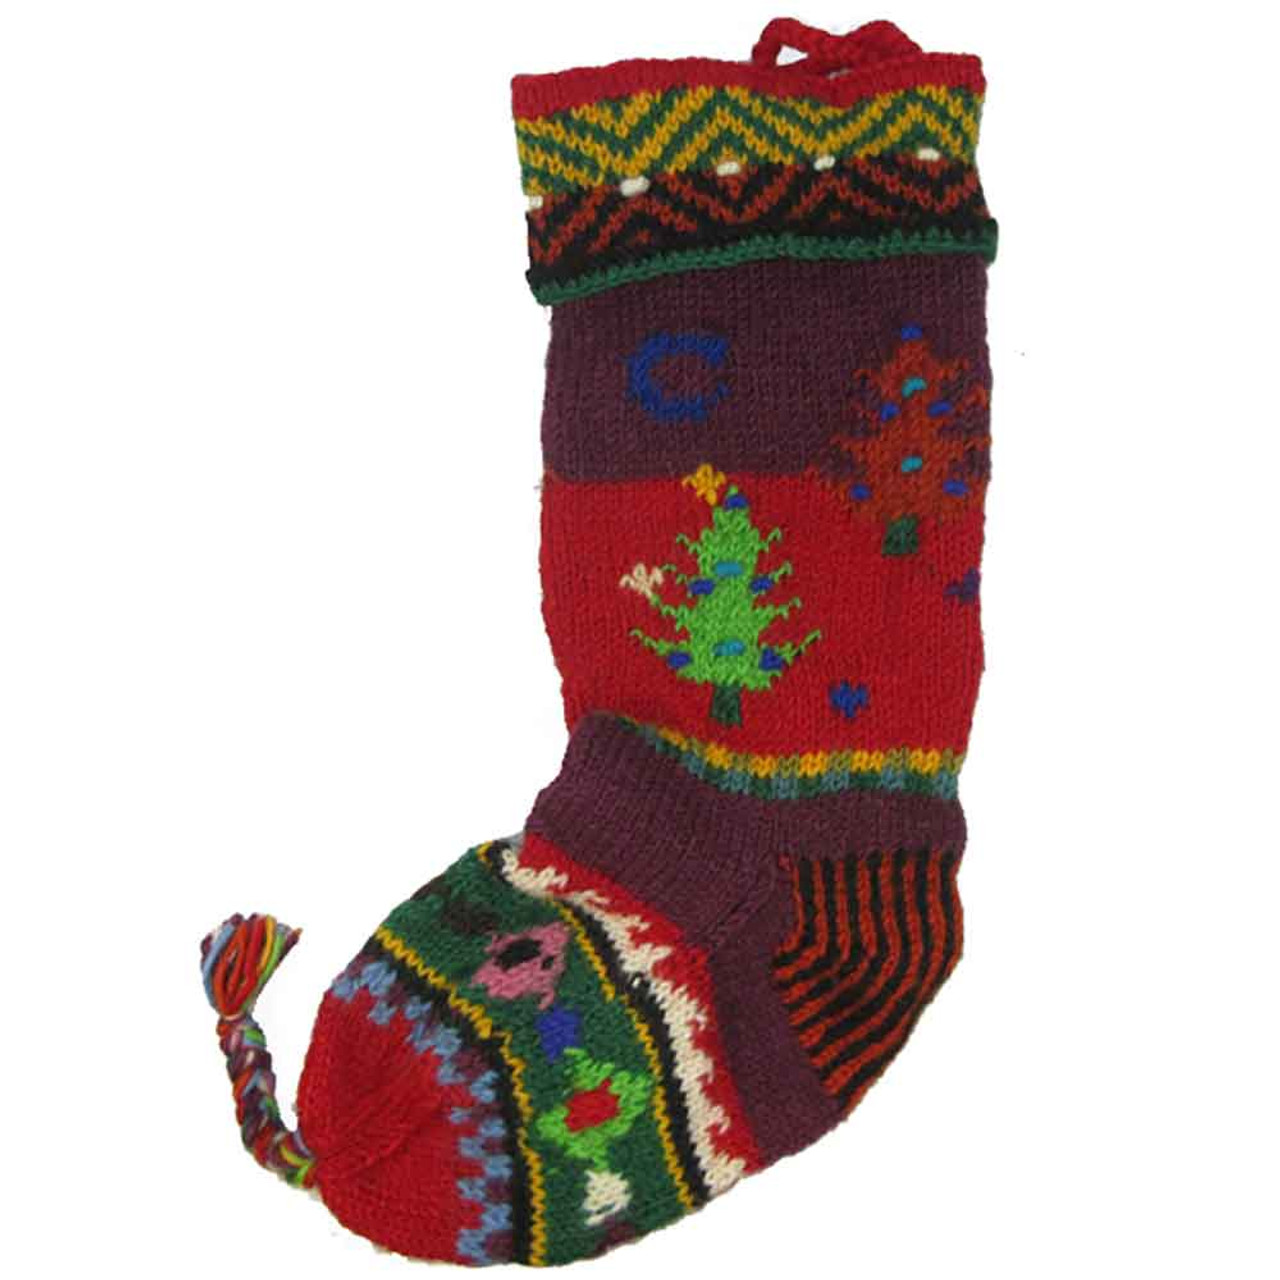 Wool Knit Christmas Stocking Nepal Trees 1 - Tango Zulu Imports